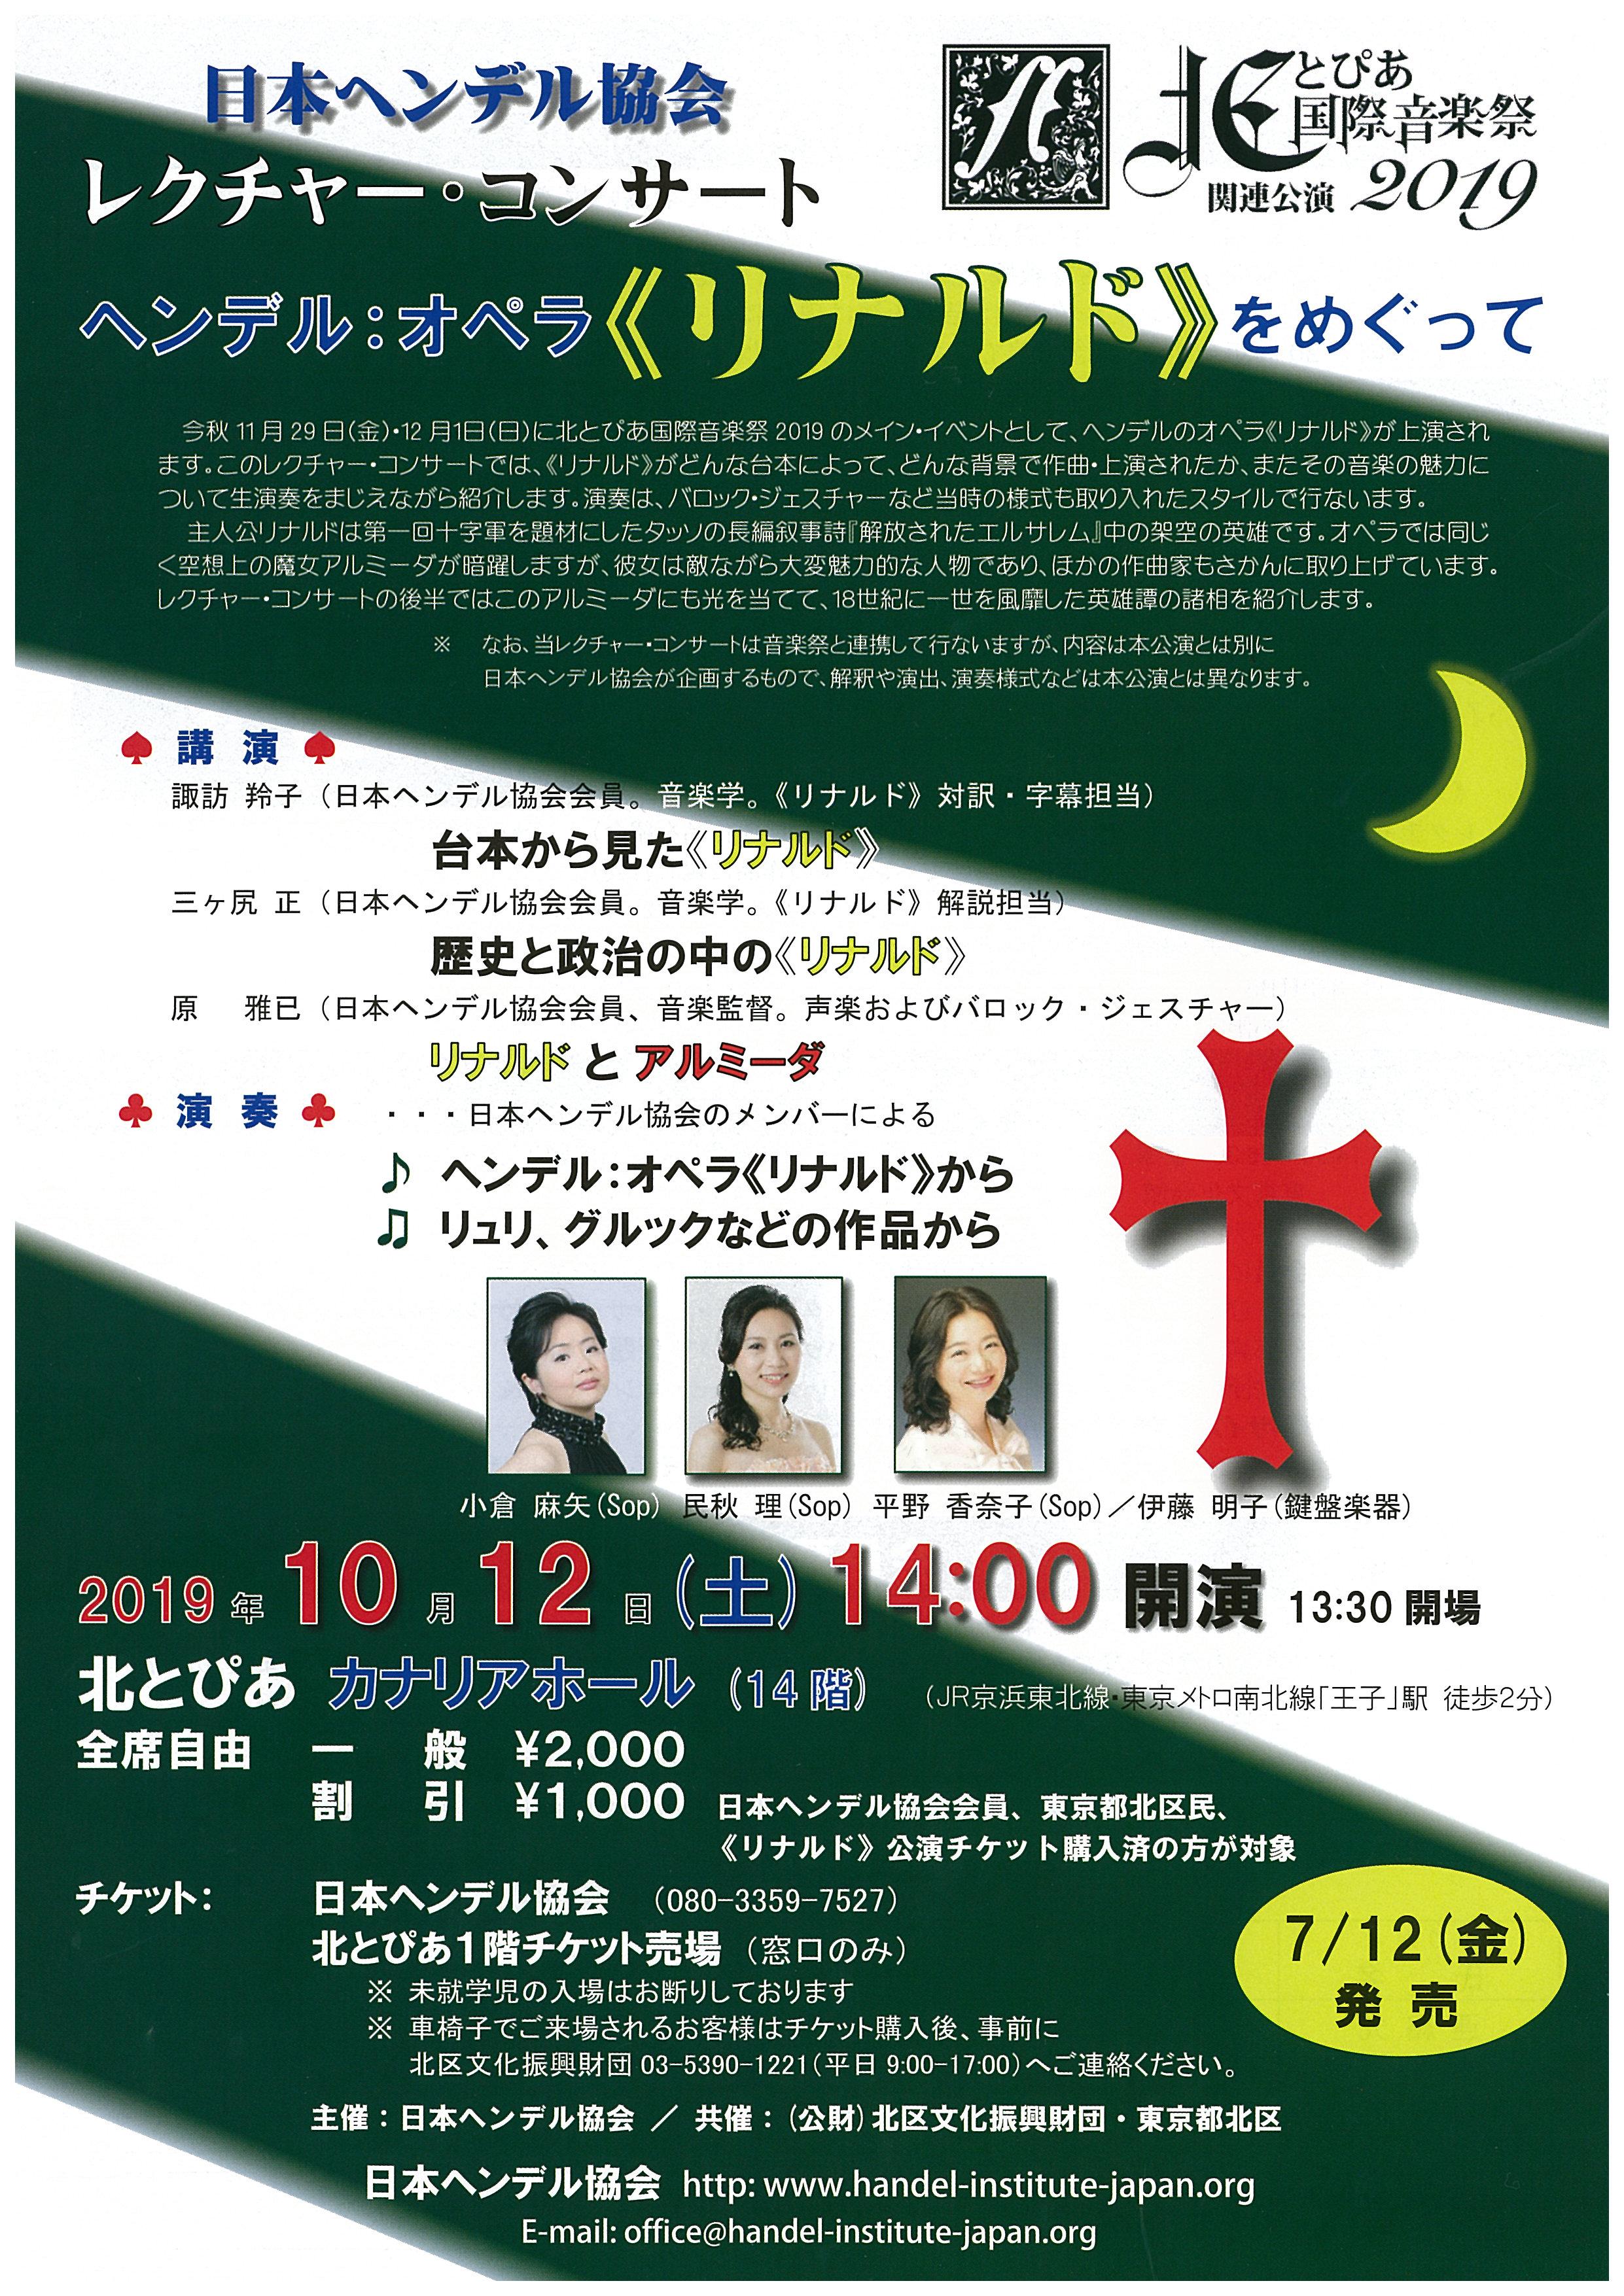 日本ヘンデル協会 レクチャー・コンサート ヘンデル:オペラ《リナルド》をめぐっての画像